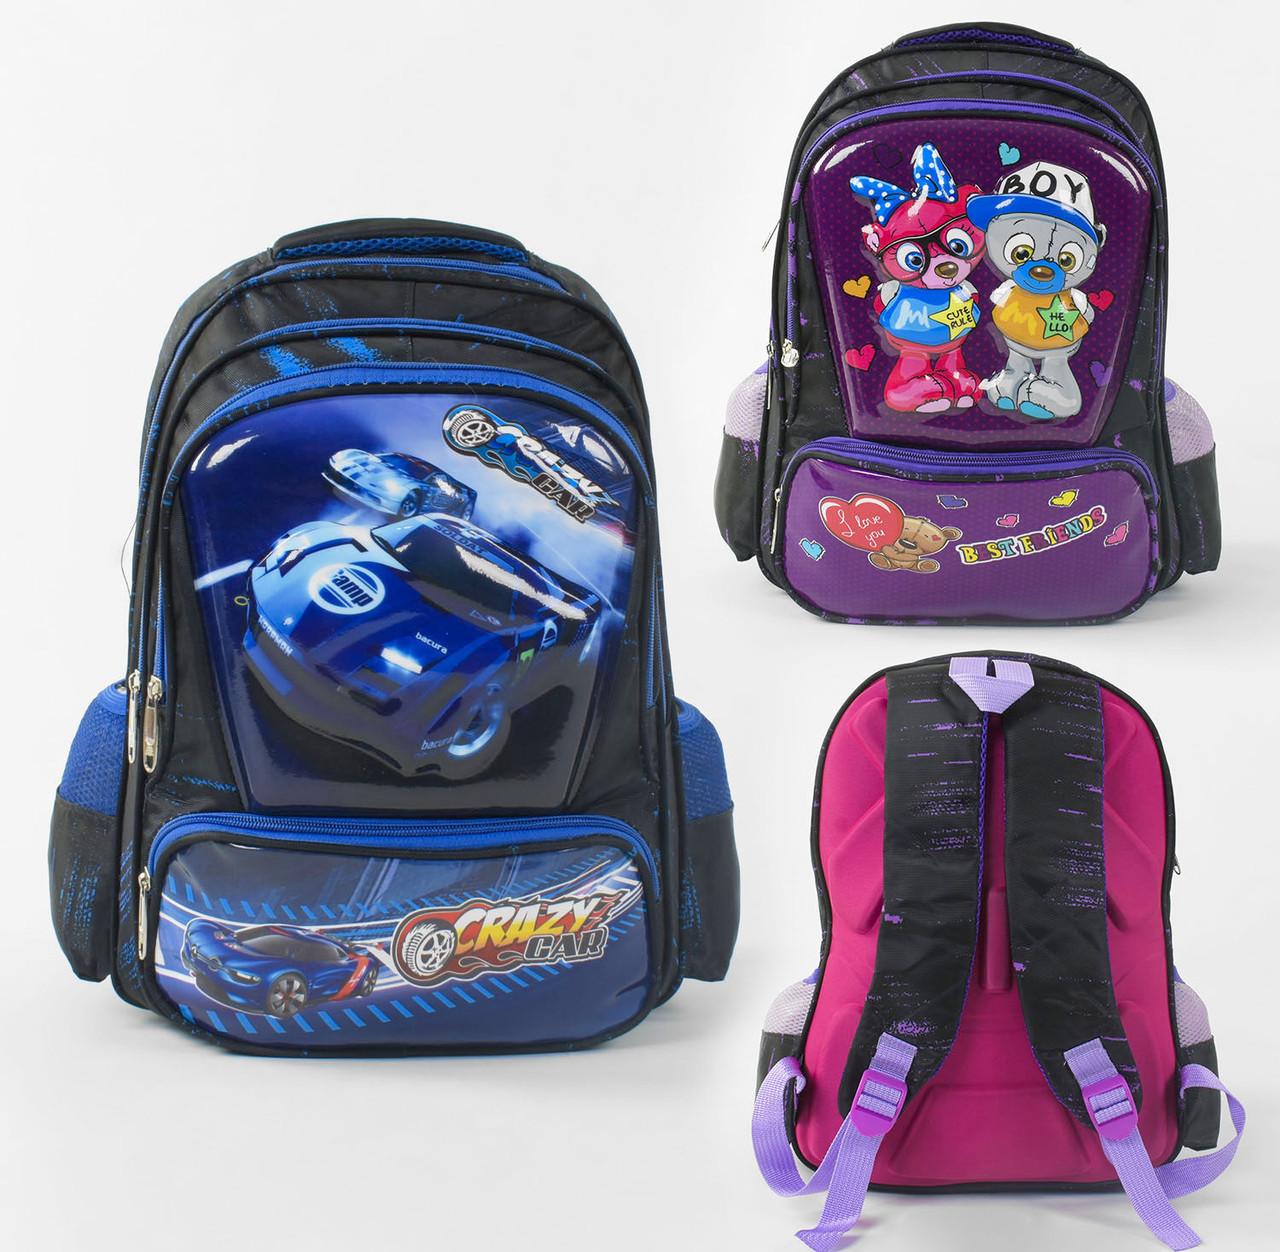 + Подарок Рюкзак школьный 3D рисунок, 1 отделение, 3 кармана, массажная спинка, 2 вида, в пакете.